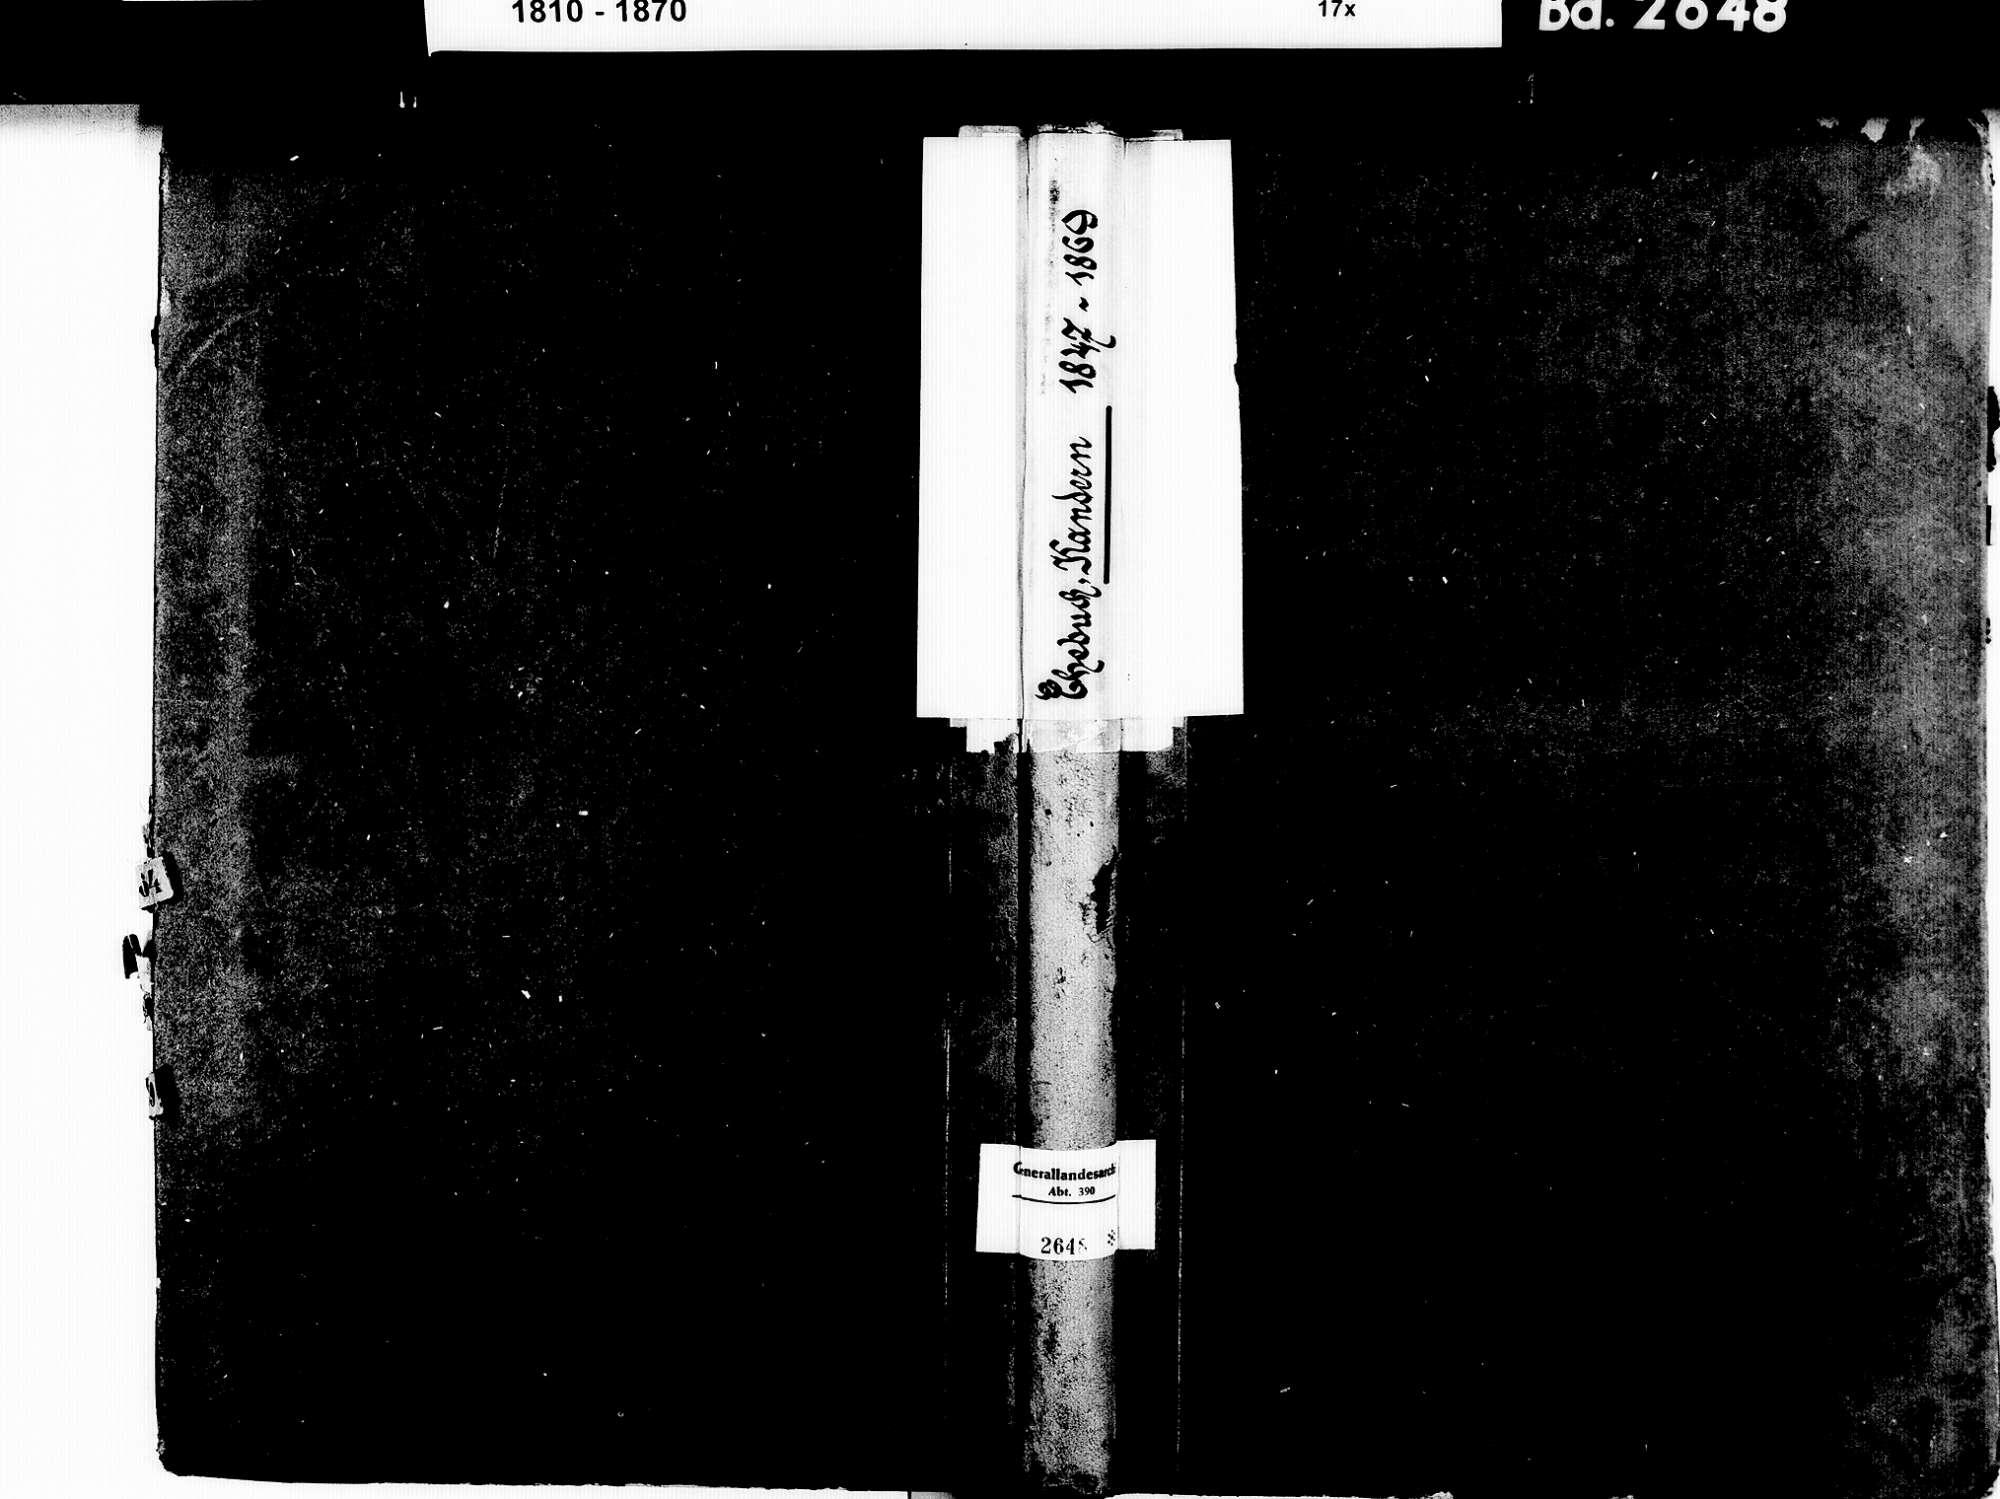 Kandern LÖ; Evangelische Gemeinde: Heiratsbuch 1847-1869, Bild 1